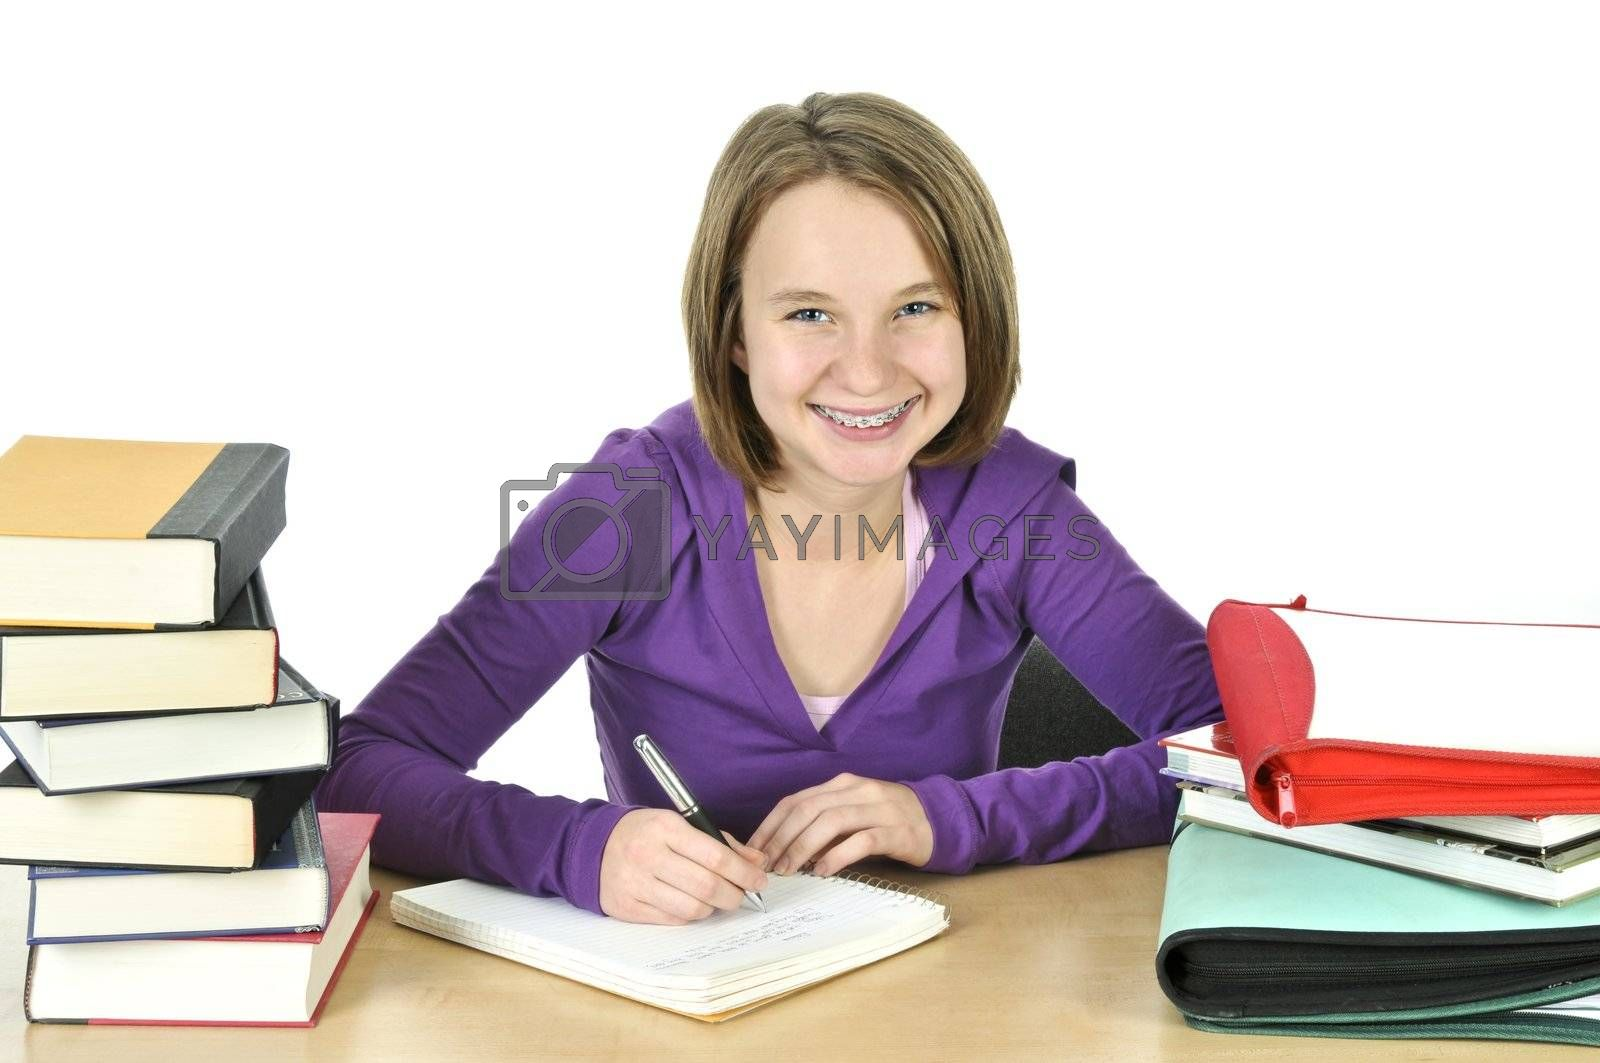 Teenage girl studying by elenathewise